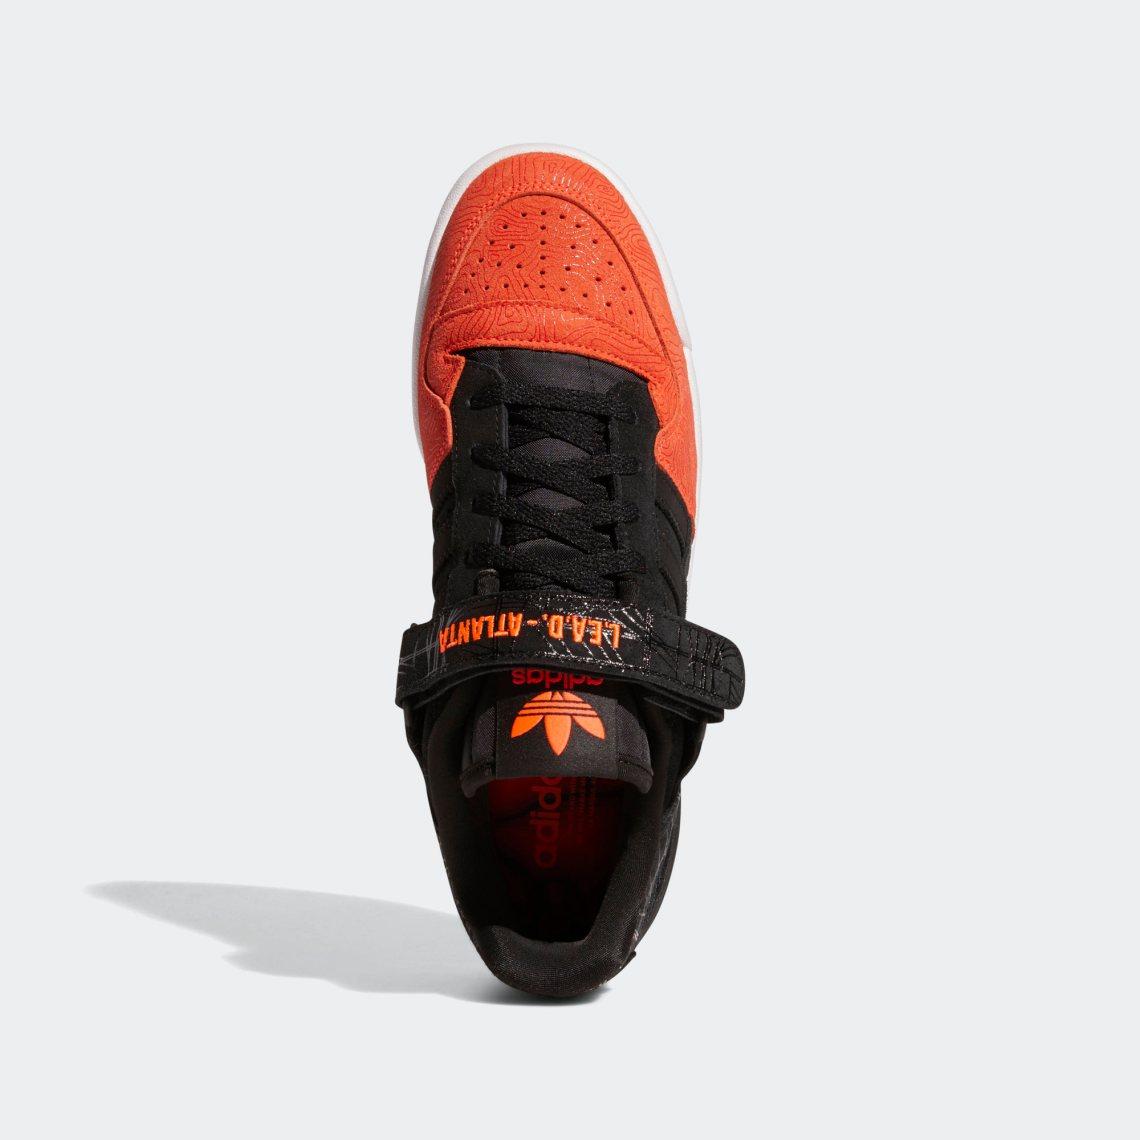 adidas forum lo l e a d atlanta core black core black vivid red GZ6604 3